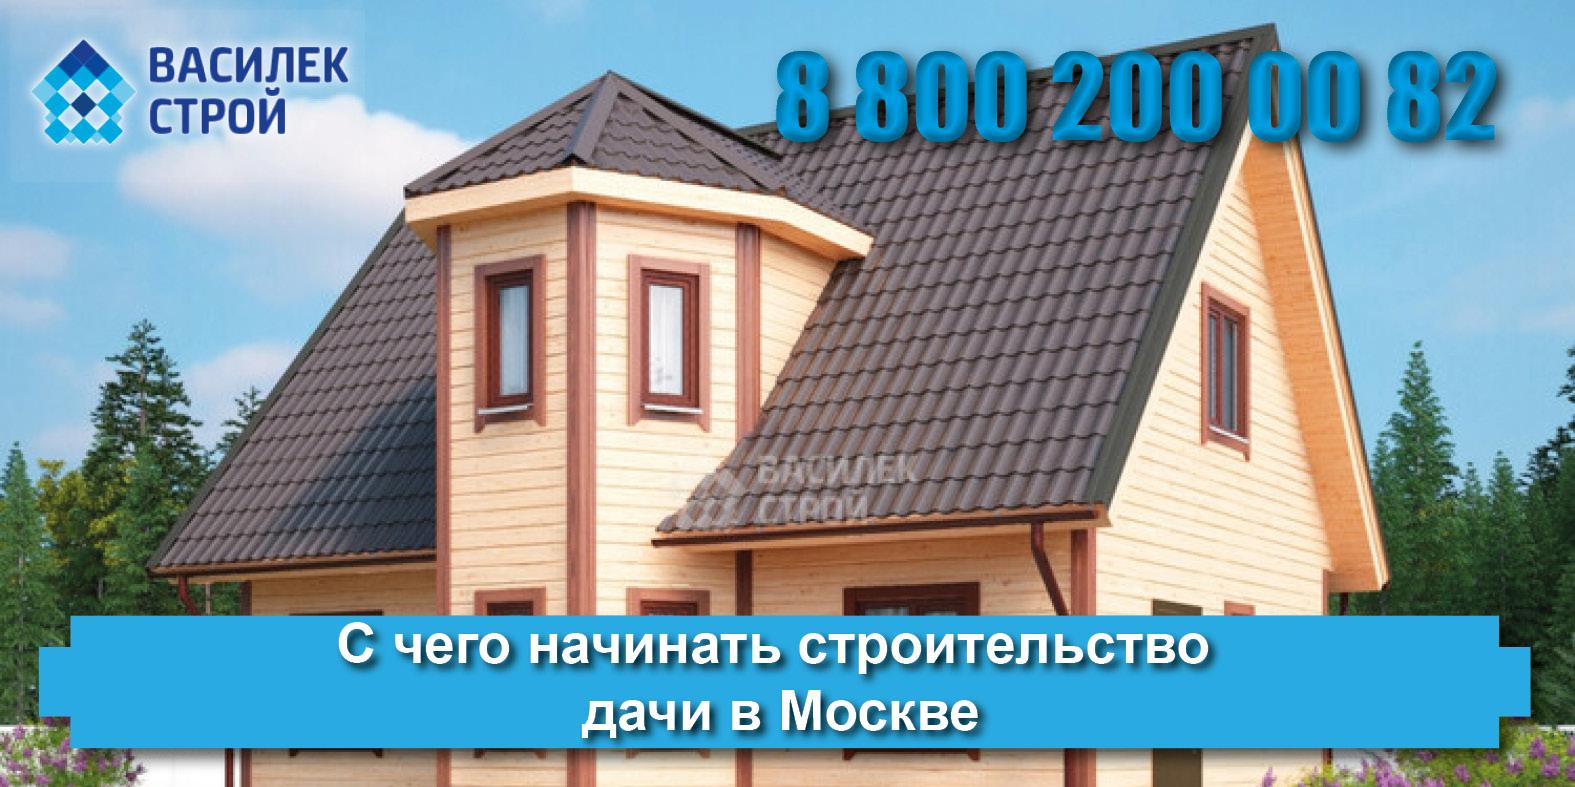 С чего начинать строительство дачи в Москве